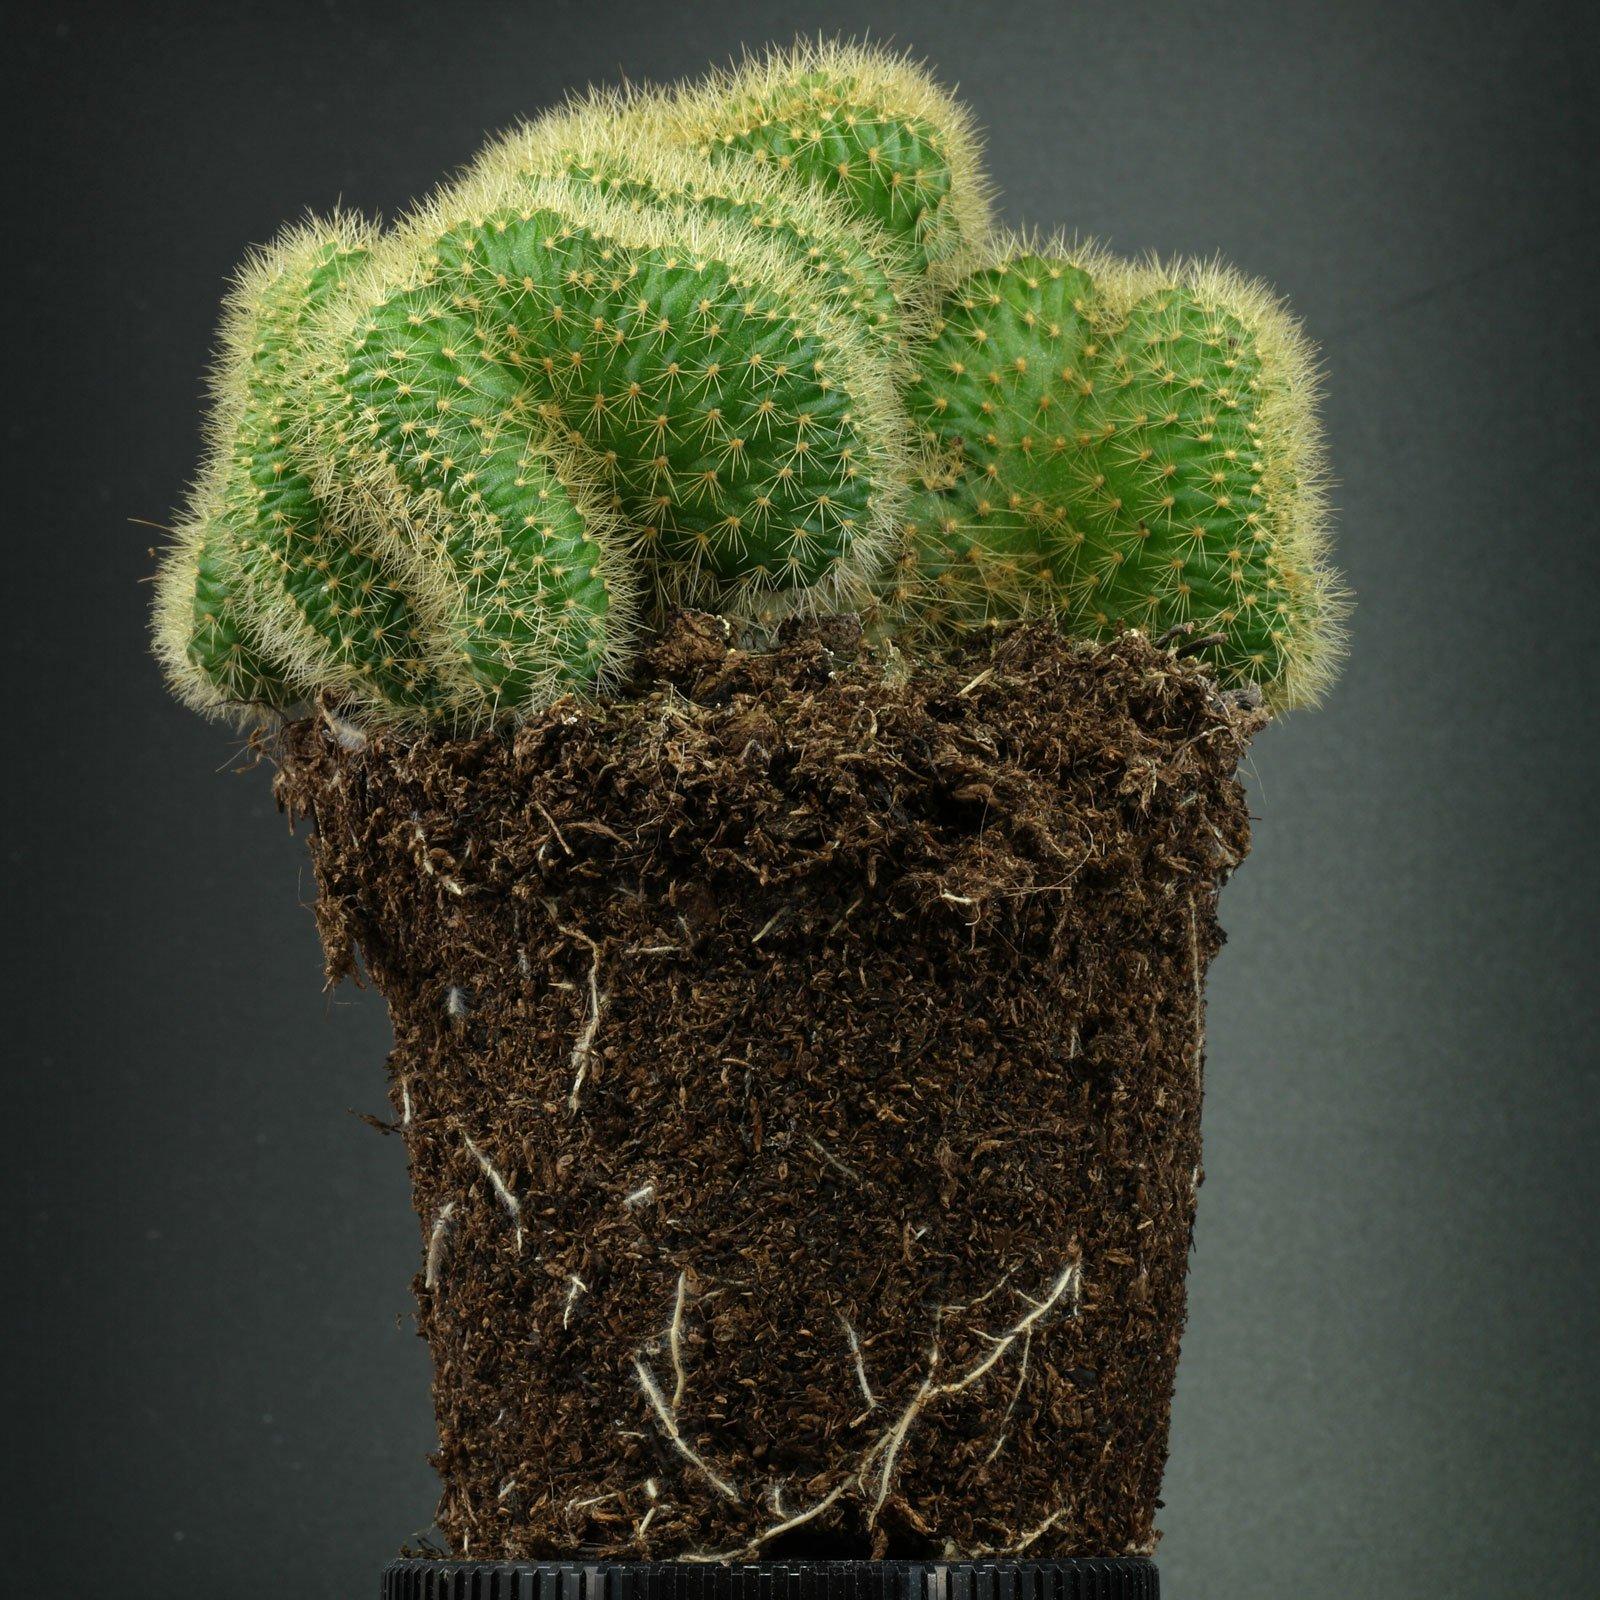 Cleistocactus winteri Cristata 5